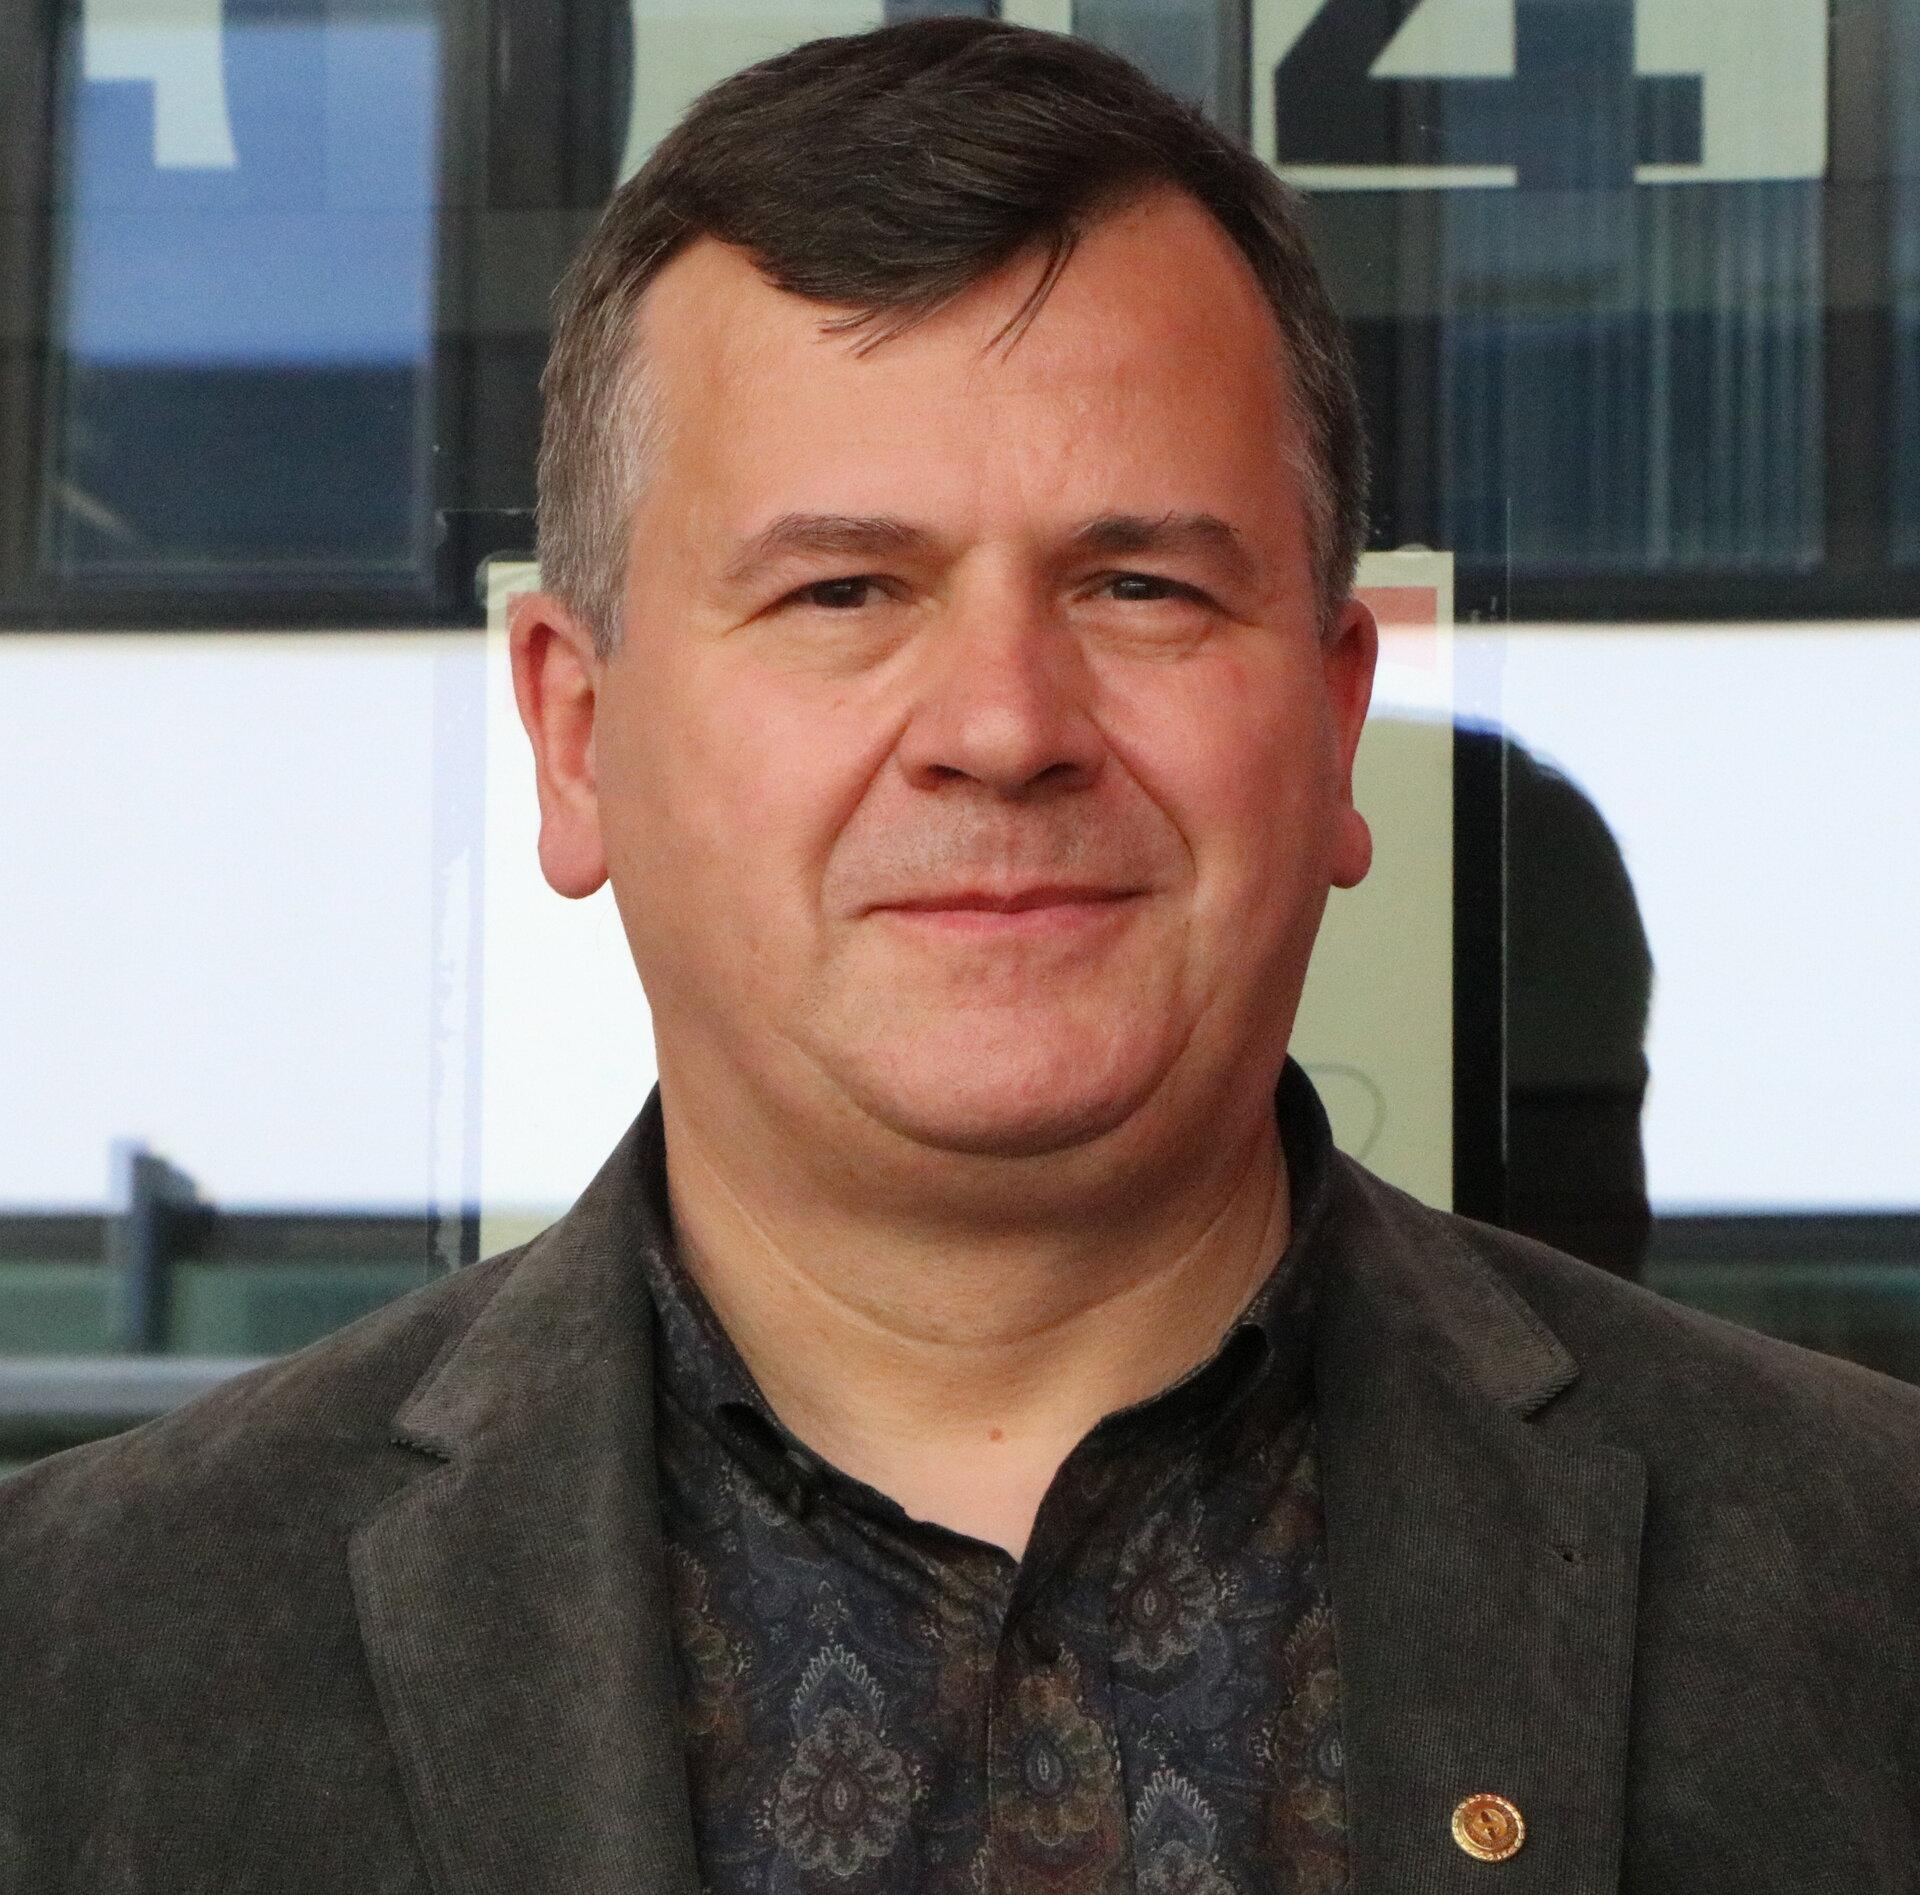 Arno Carius